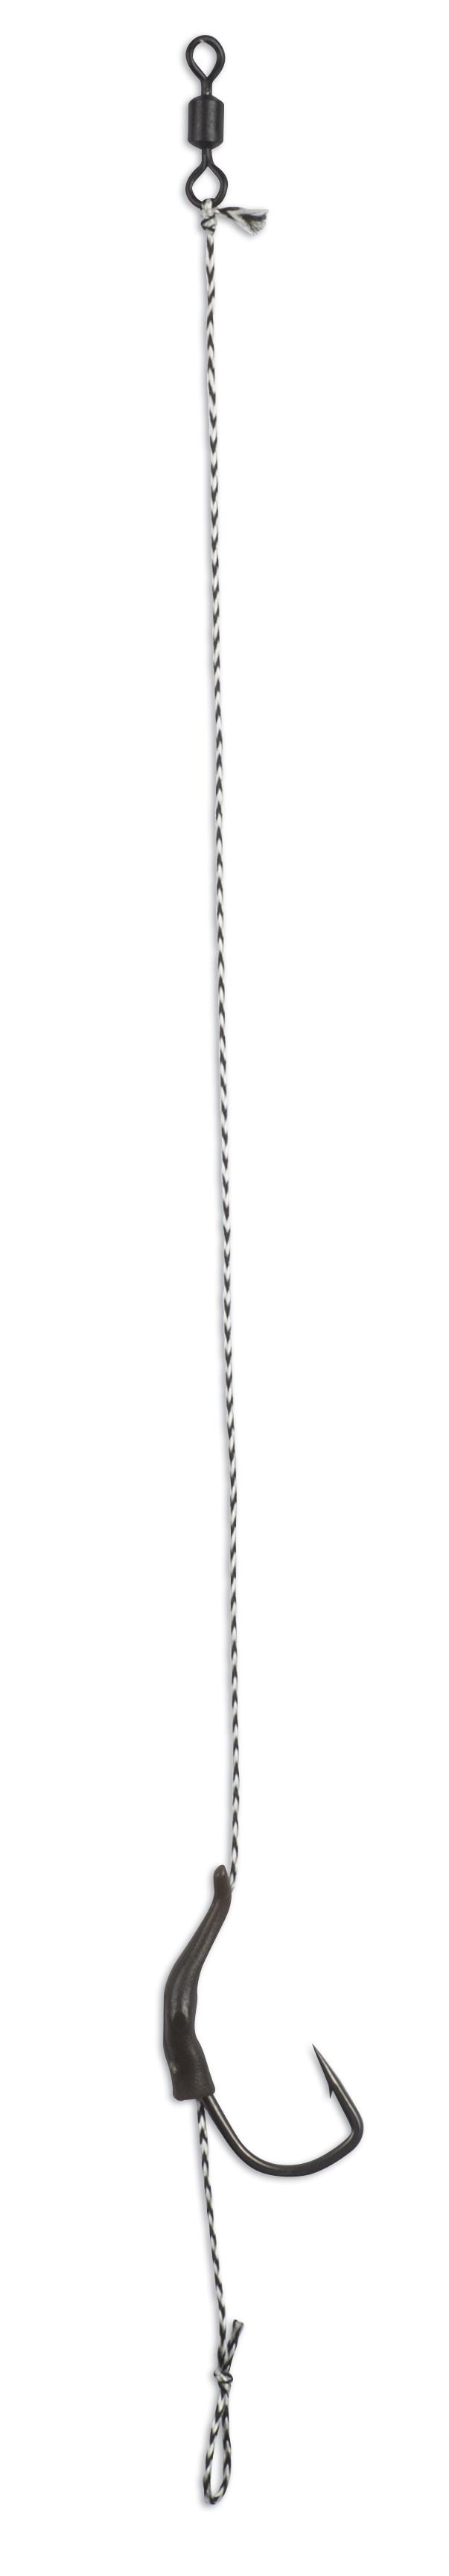 Nadväzec Anaconda RS Piercer Line Aligner Rig Angle 90 TGX s protihrotom č.4